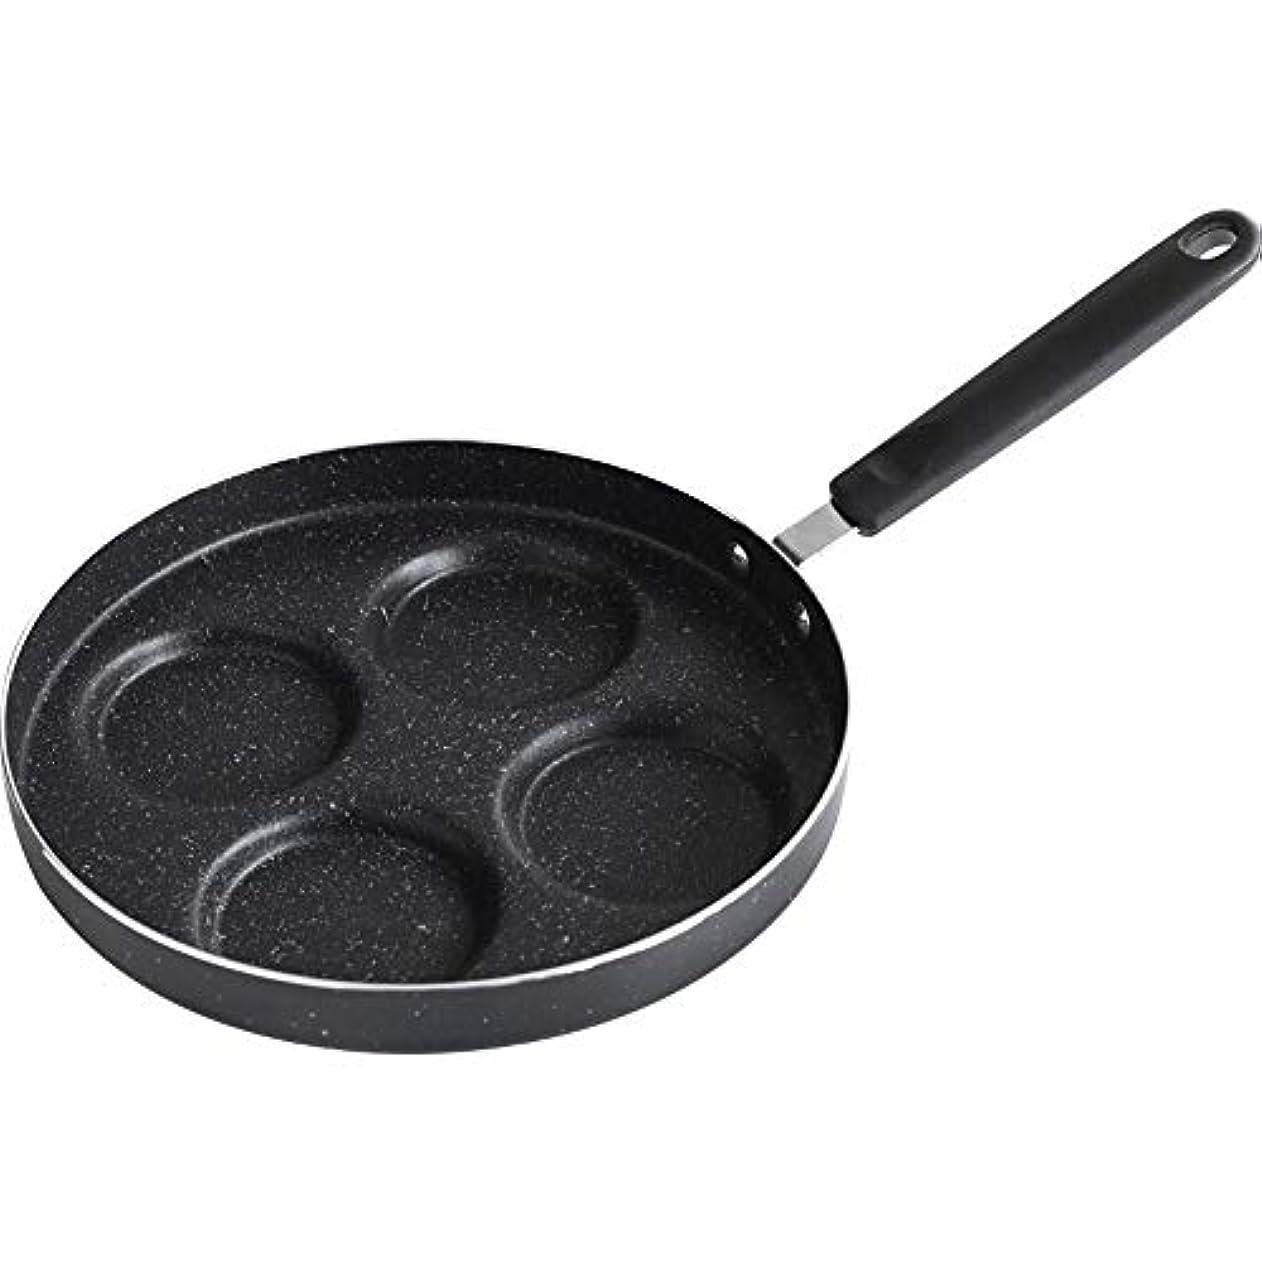 危険にさらされているいつかまっすぐにする鍋 キッチン24 Cm Maifan Stoneノンスティックパンミニ4穴フライパンハンドルオムレツDu子朝食用ポット電磁調理器ガスストーブに適しています (Color : Black)